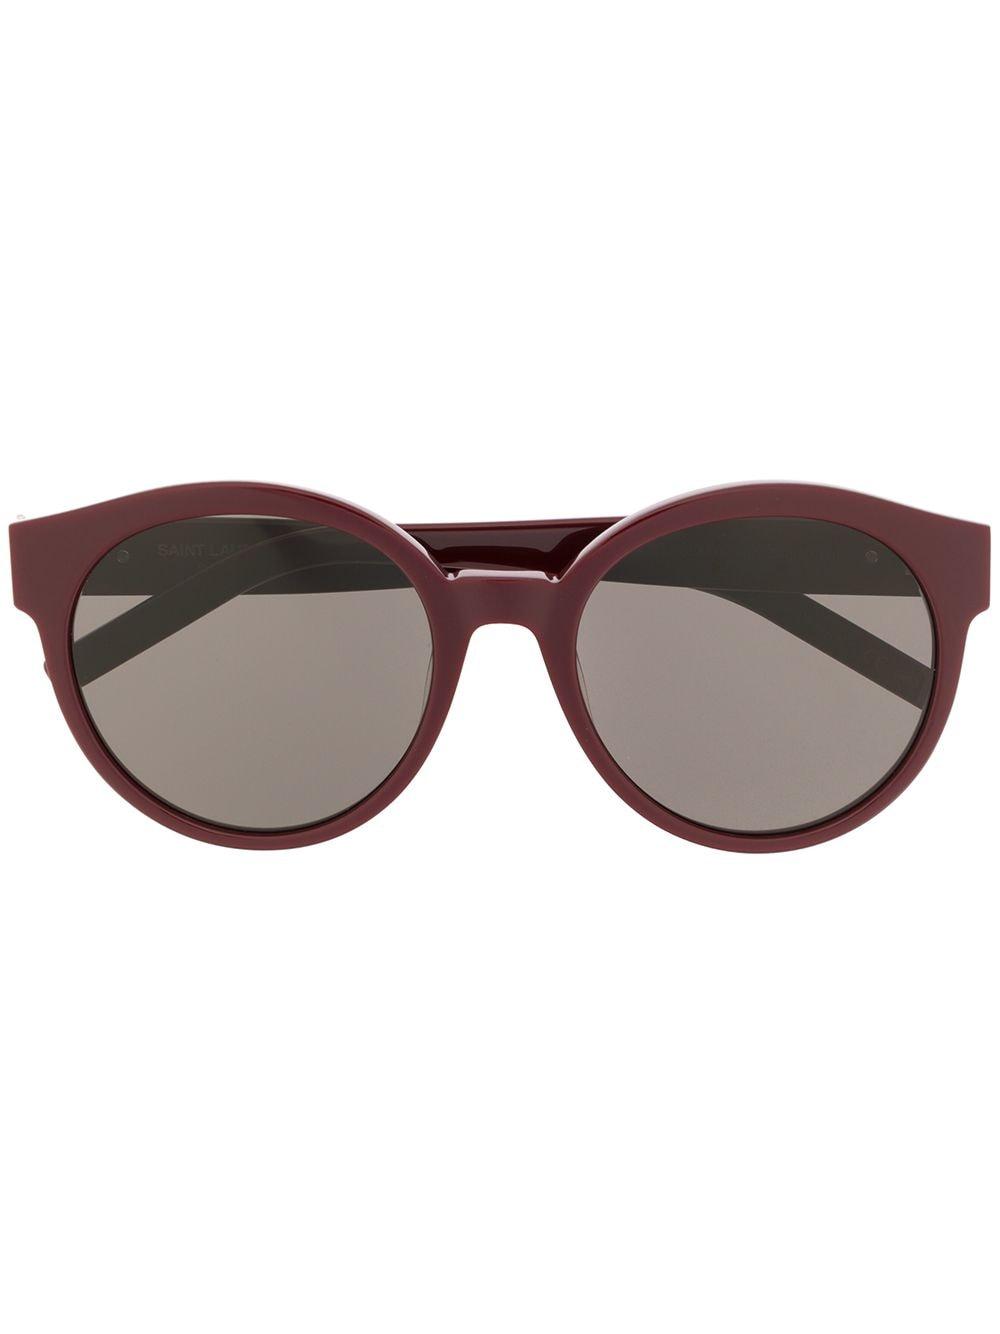 Saint Laurent Eyewear Runde Sonnenbrille - Rot